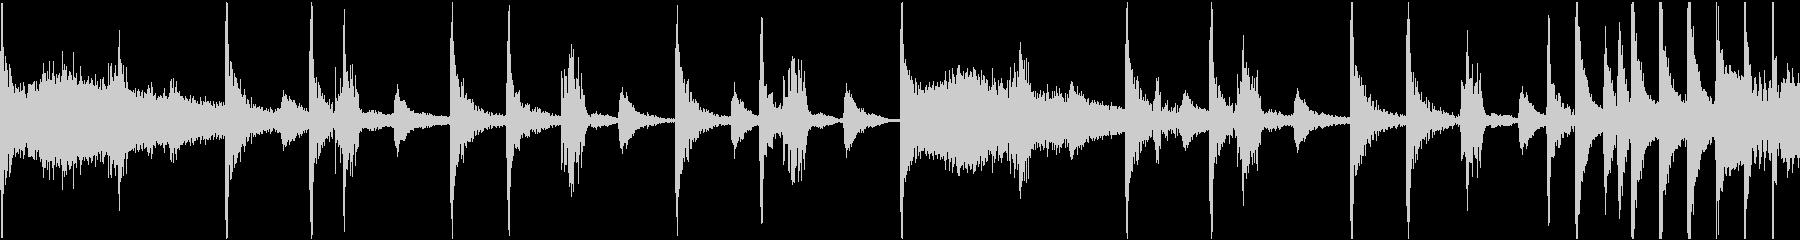 使い勝手のいいリズムループ音源の未再生の波形